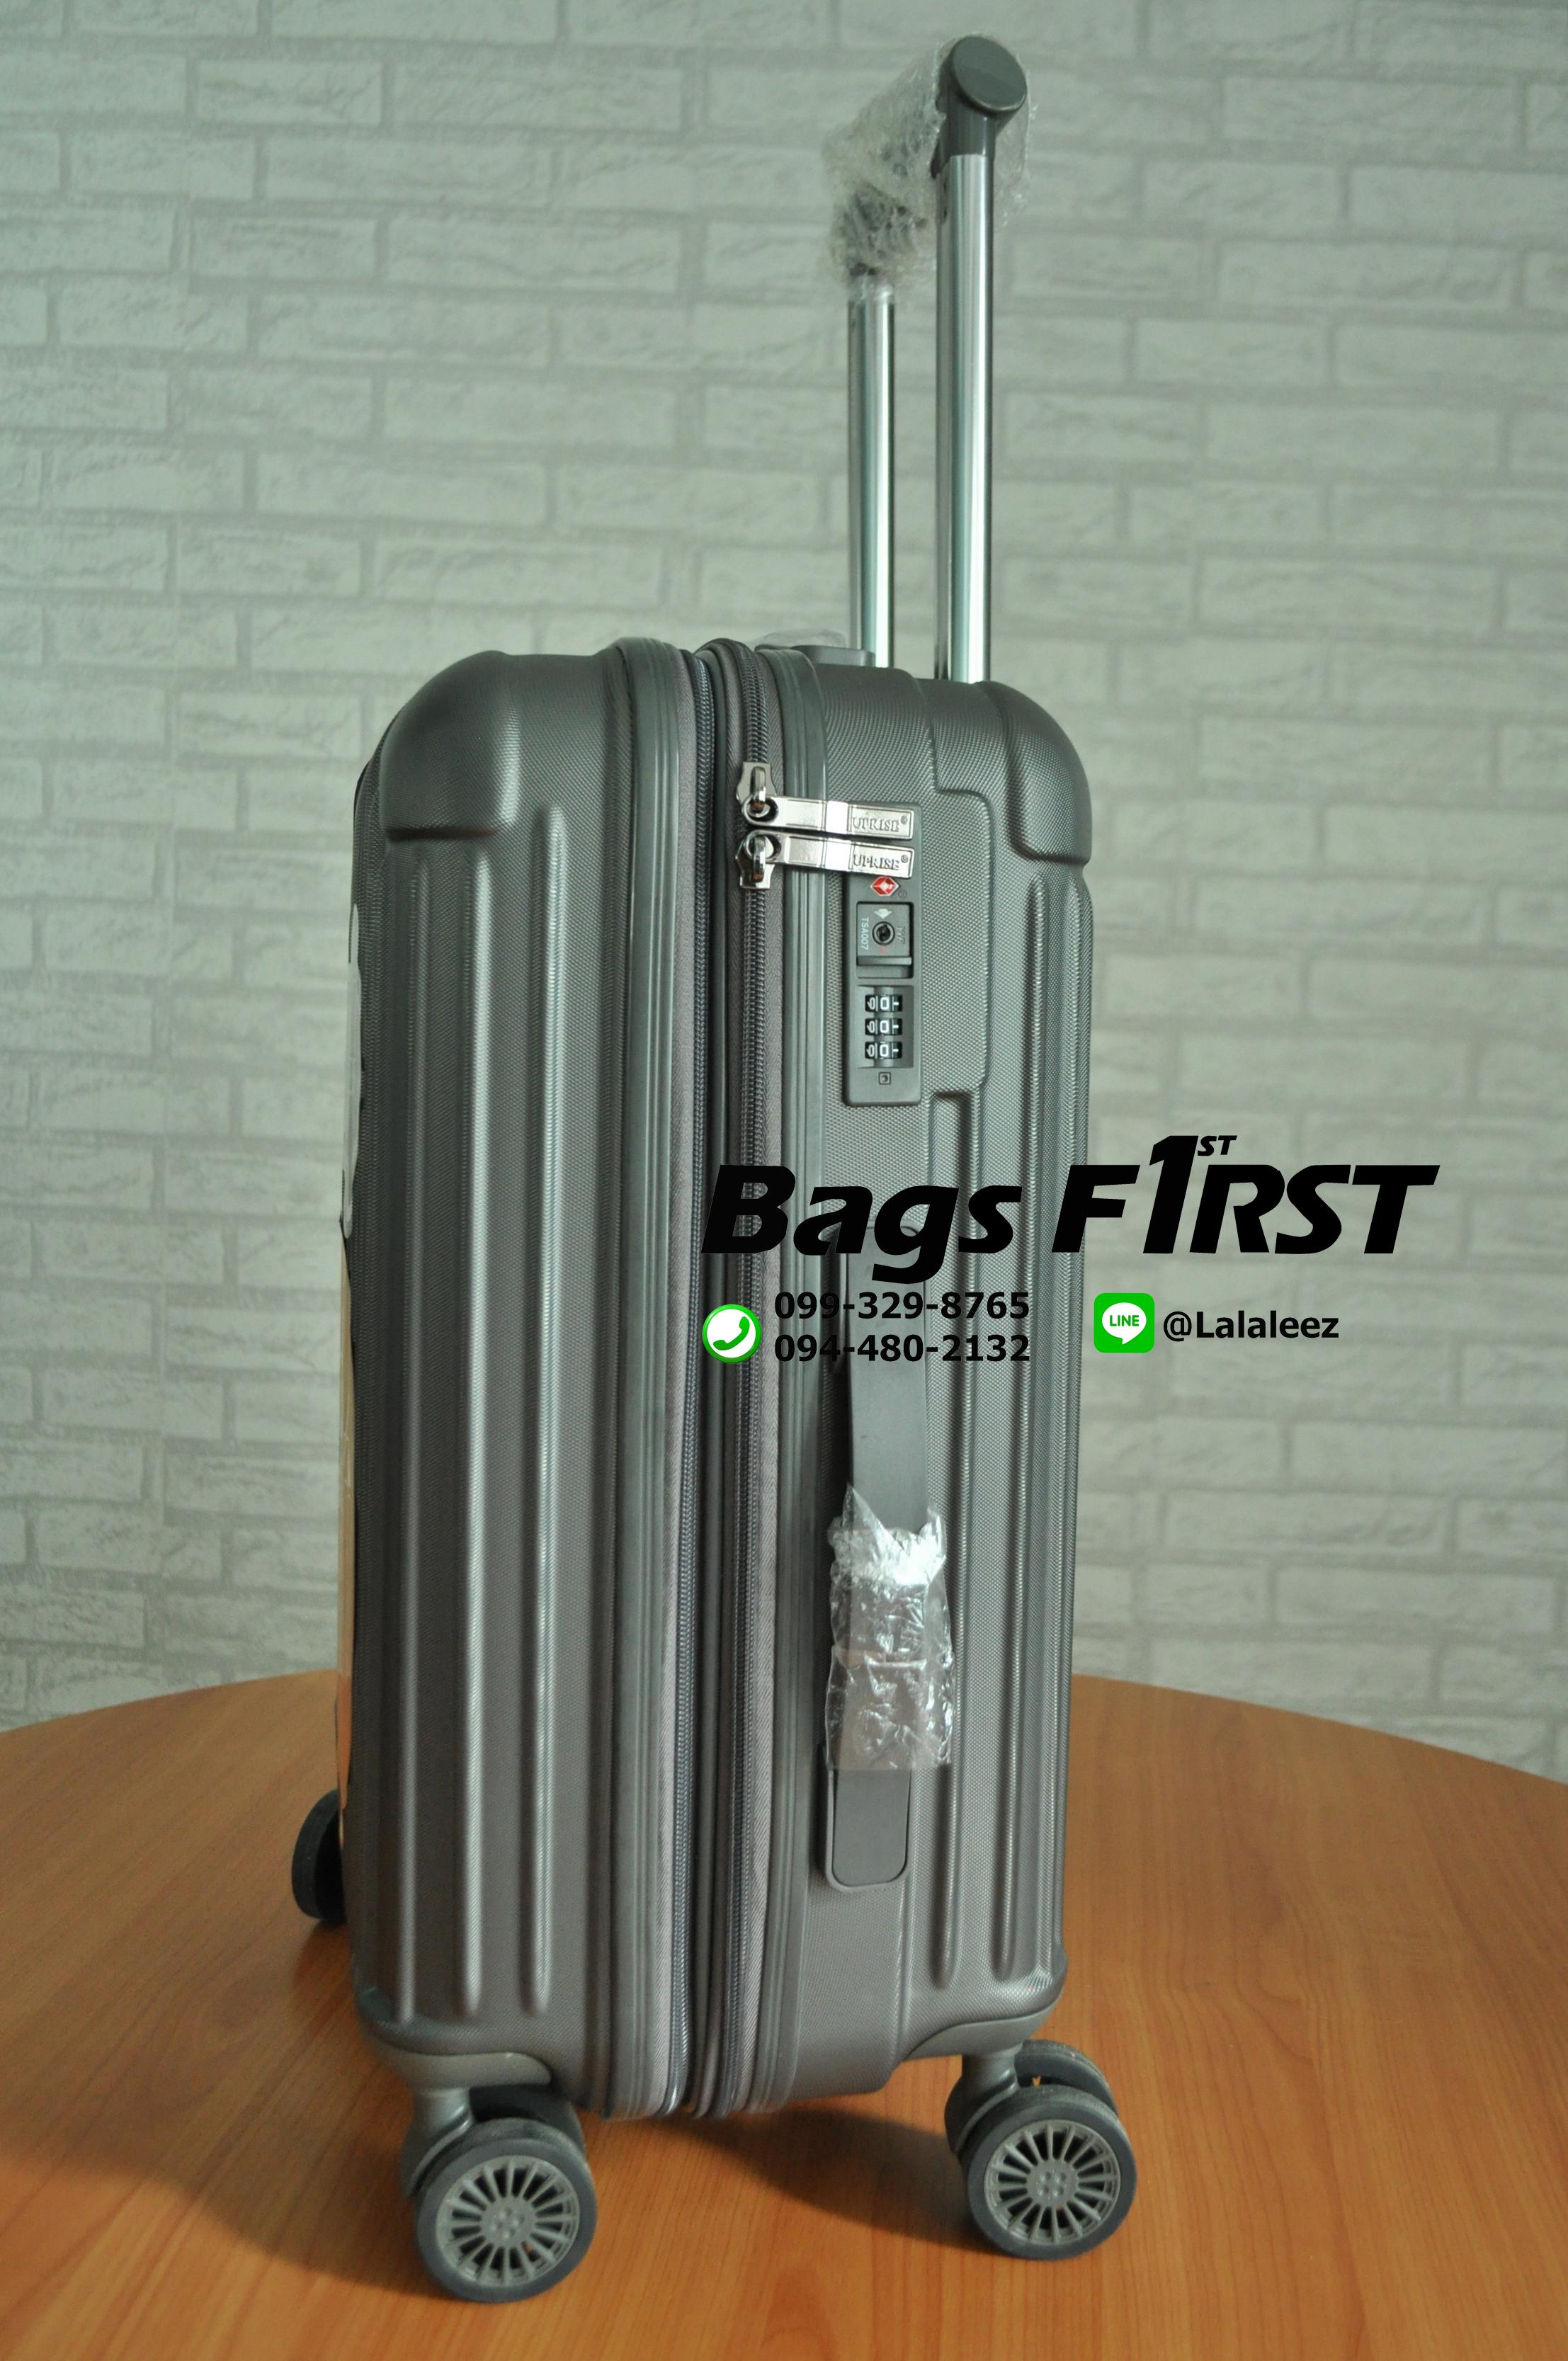 กระเป๋าเดินทาง กระเป๋าเดินทางล้อกลาก ร้านกระเป๋าเดินทาง ขายกระเป๋าเดินทาง ซื้อกระเป๋าเดินทาง